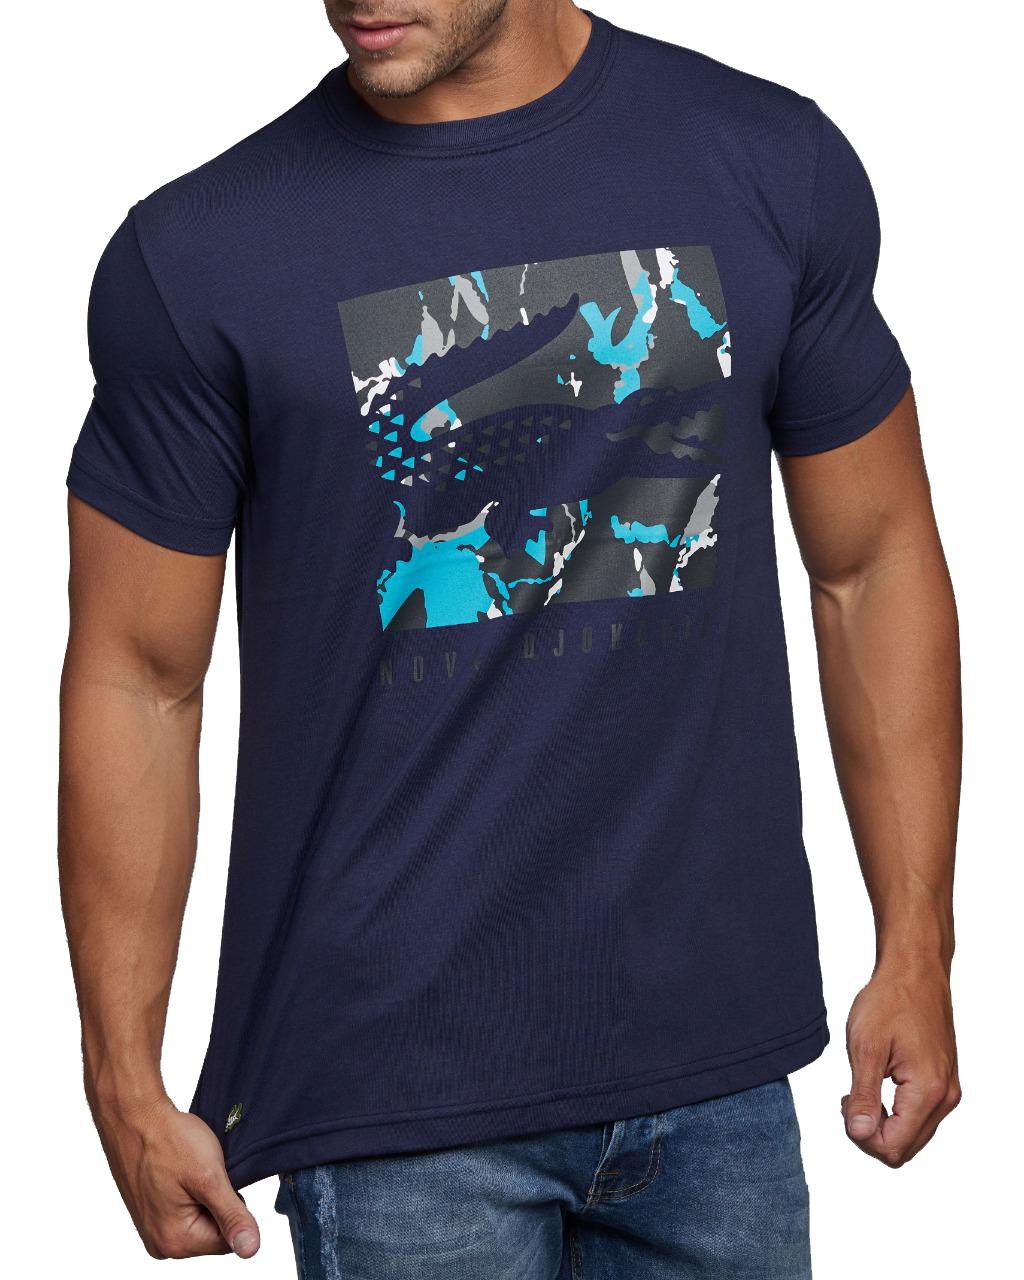 Camiseta Lacoste Masculina crocodilo Camuflado Novak Djokovic Azul Marinho